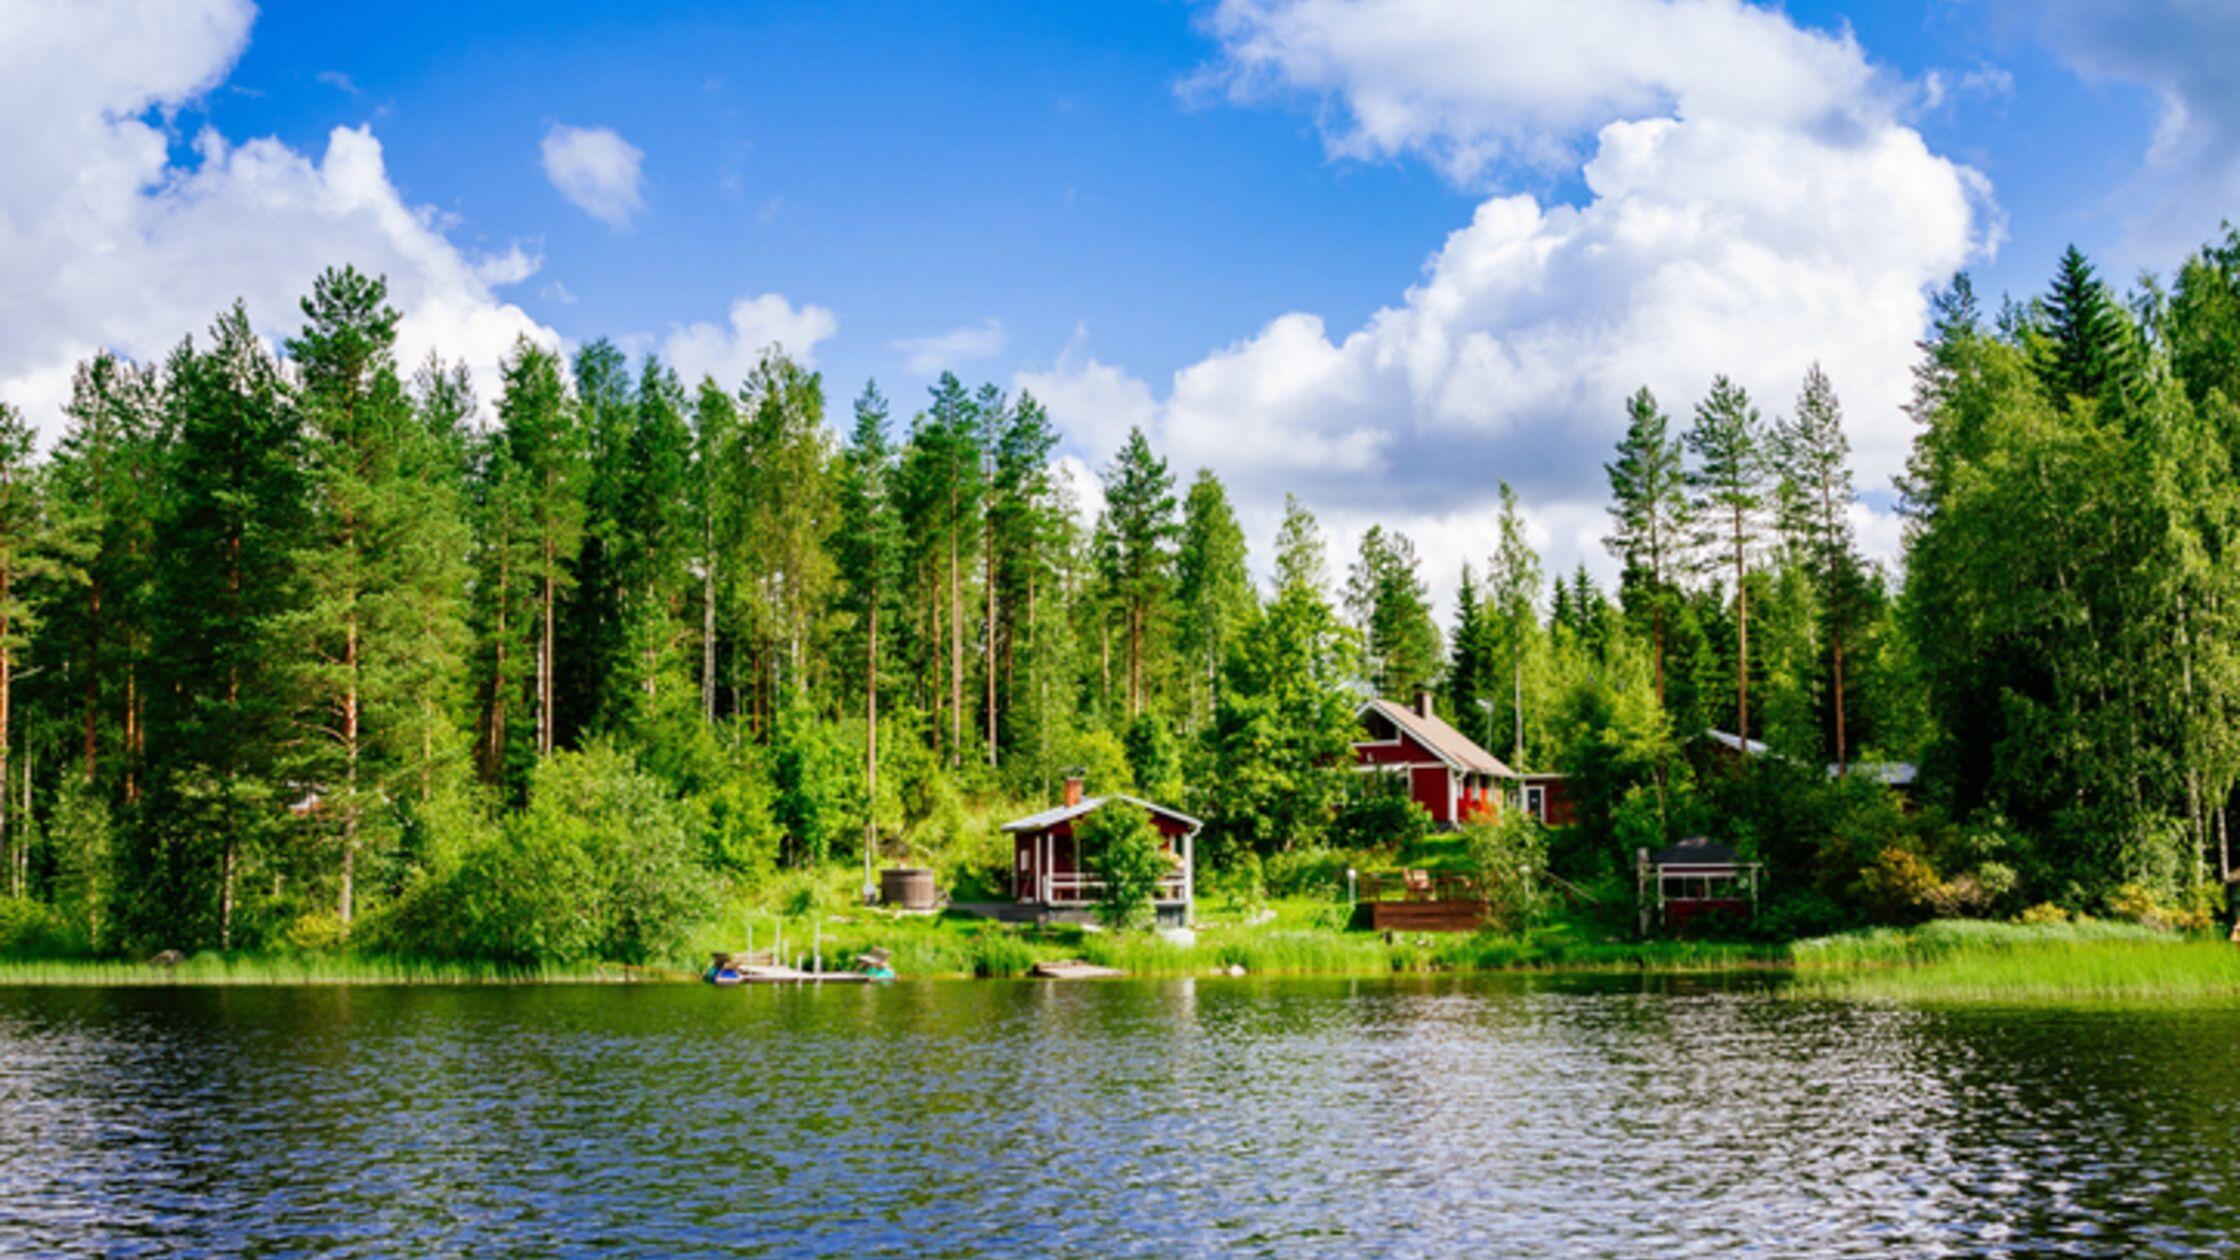 Holzhaus im Wald in Finnland